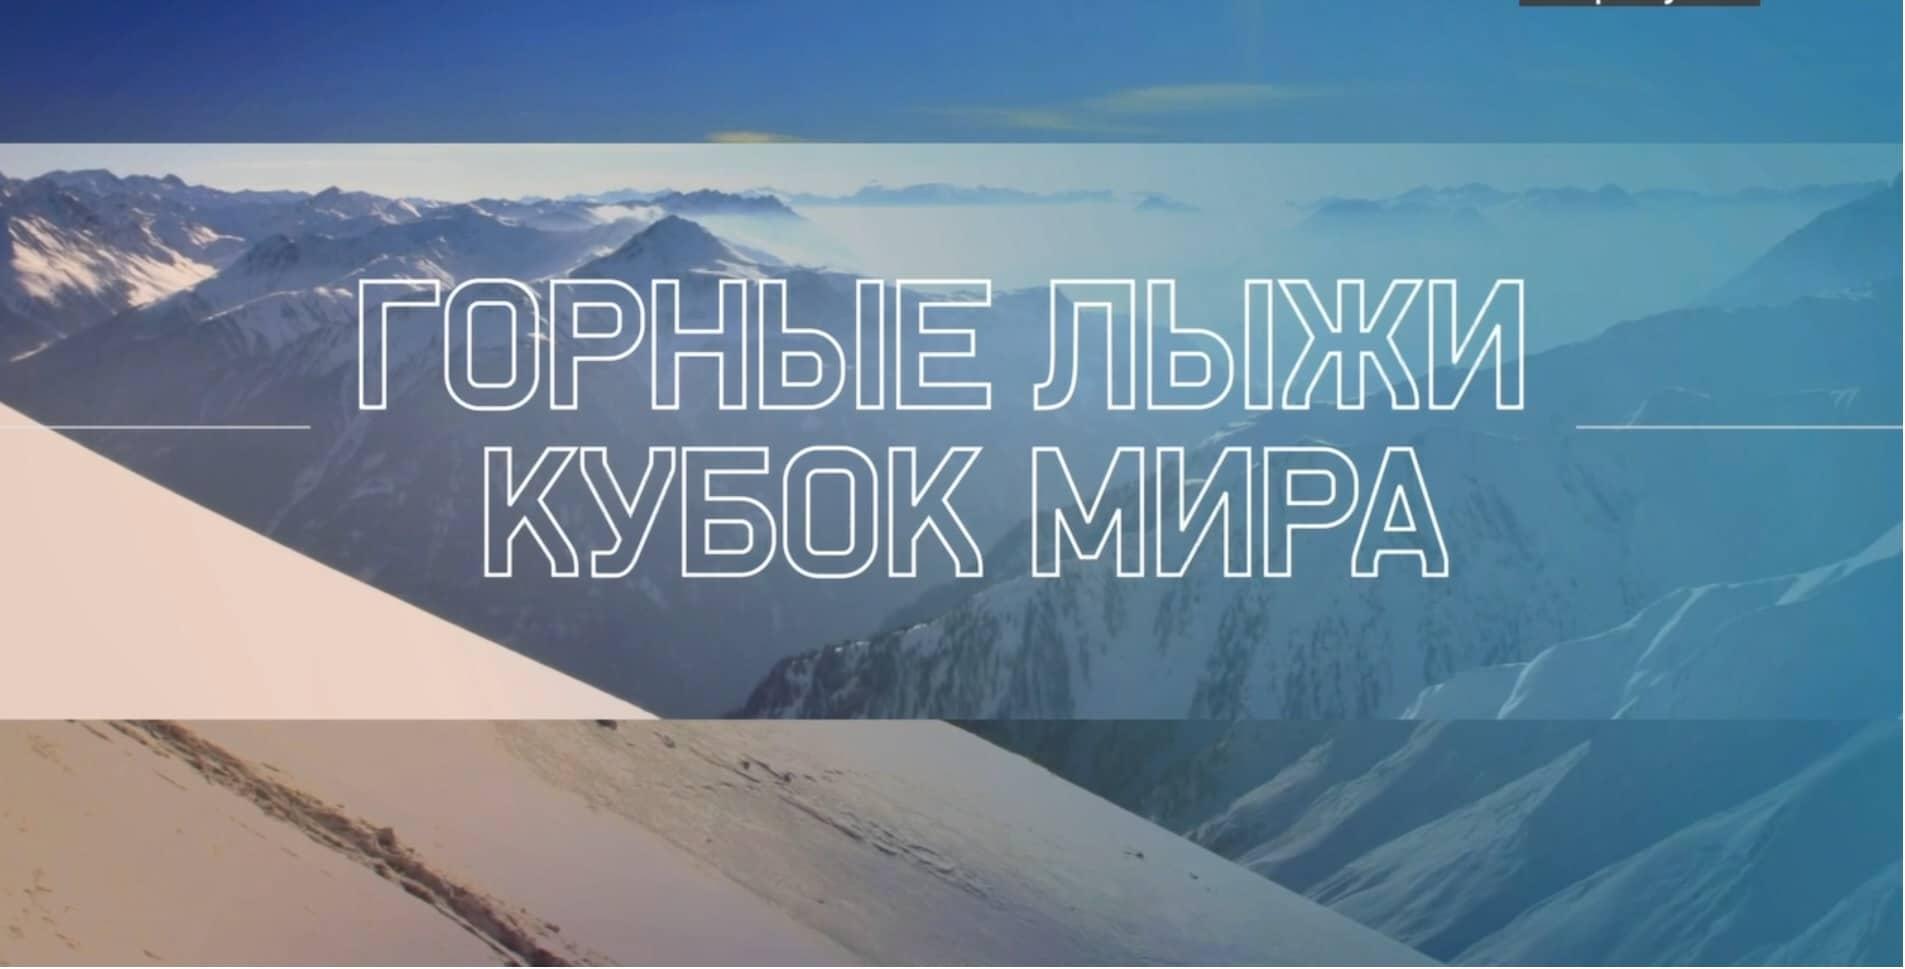 прямые трансляции горные лыжи